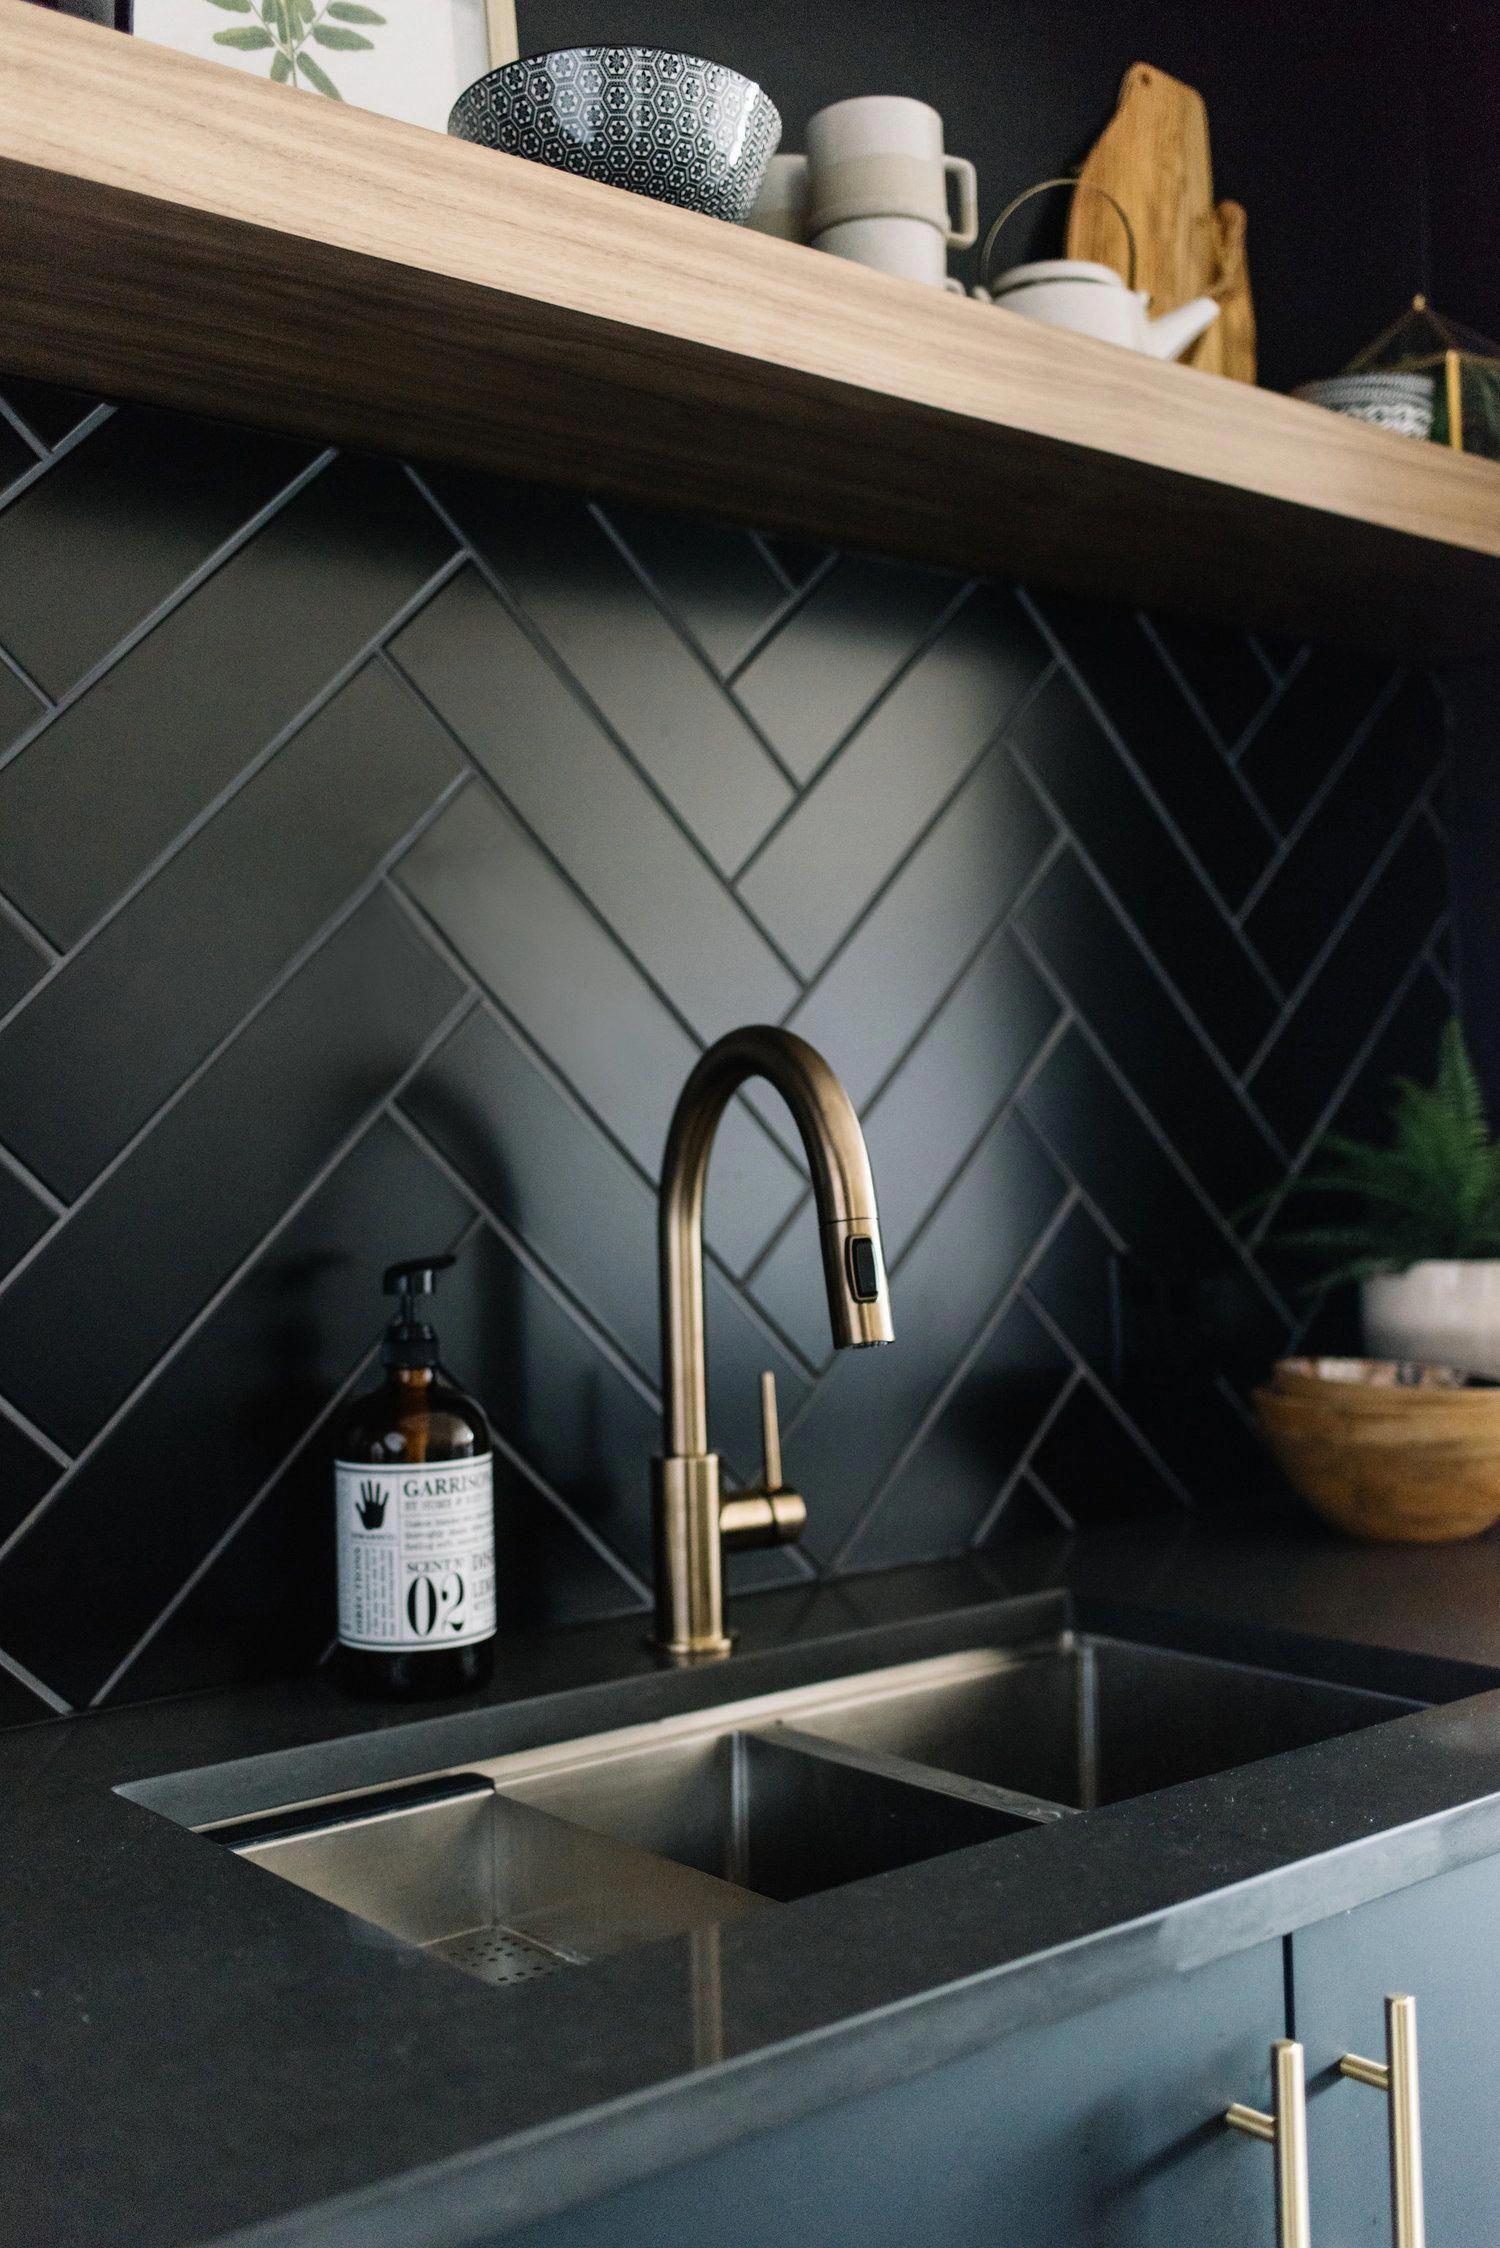 9 Creative And Modern Tricks Backsplash Laundry Room Kitchen Cabinets Backs Kitchen Cabinets And Backsplash Interior Design Kitchen Kitchen Without Backsplash